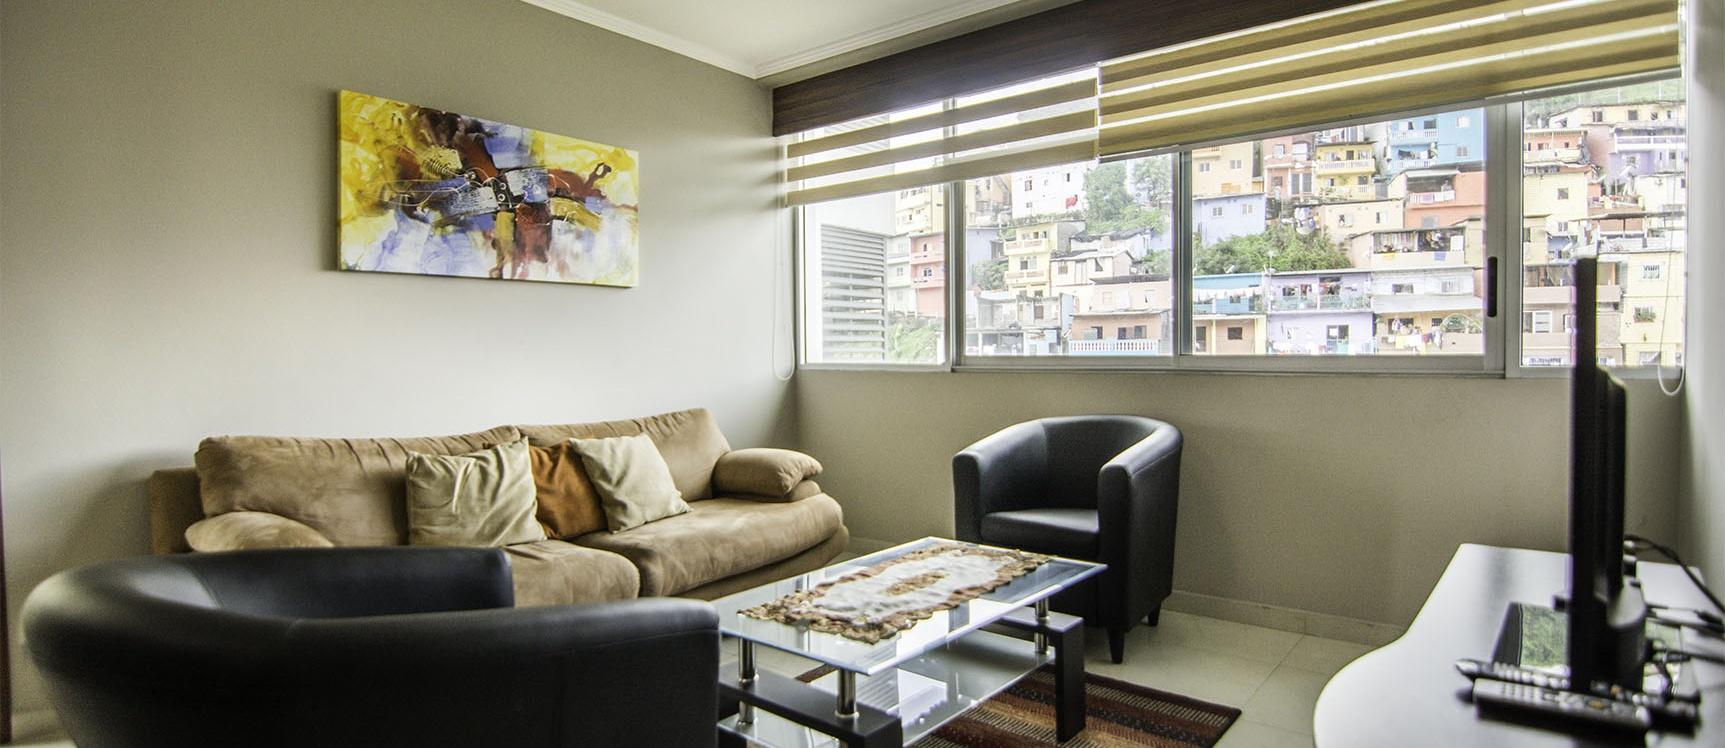 GeoBienes - Departamento en Venta Riverfront II, Puerto Santa Ana, Guayaquil - Plusvalia Guayaquil Casas de venta y alquiler Inmobiliaria Ecuador